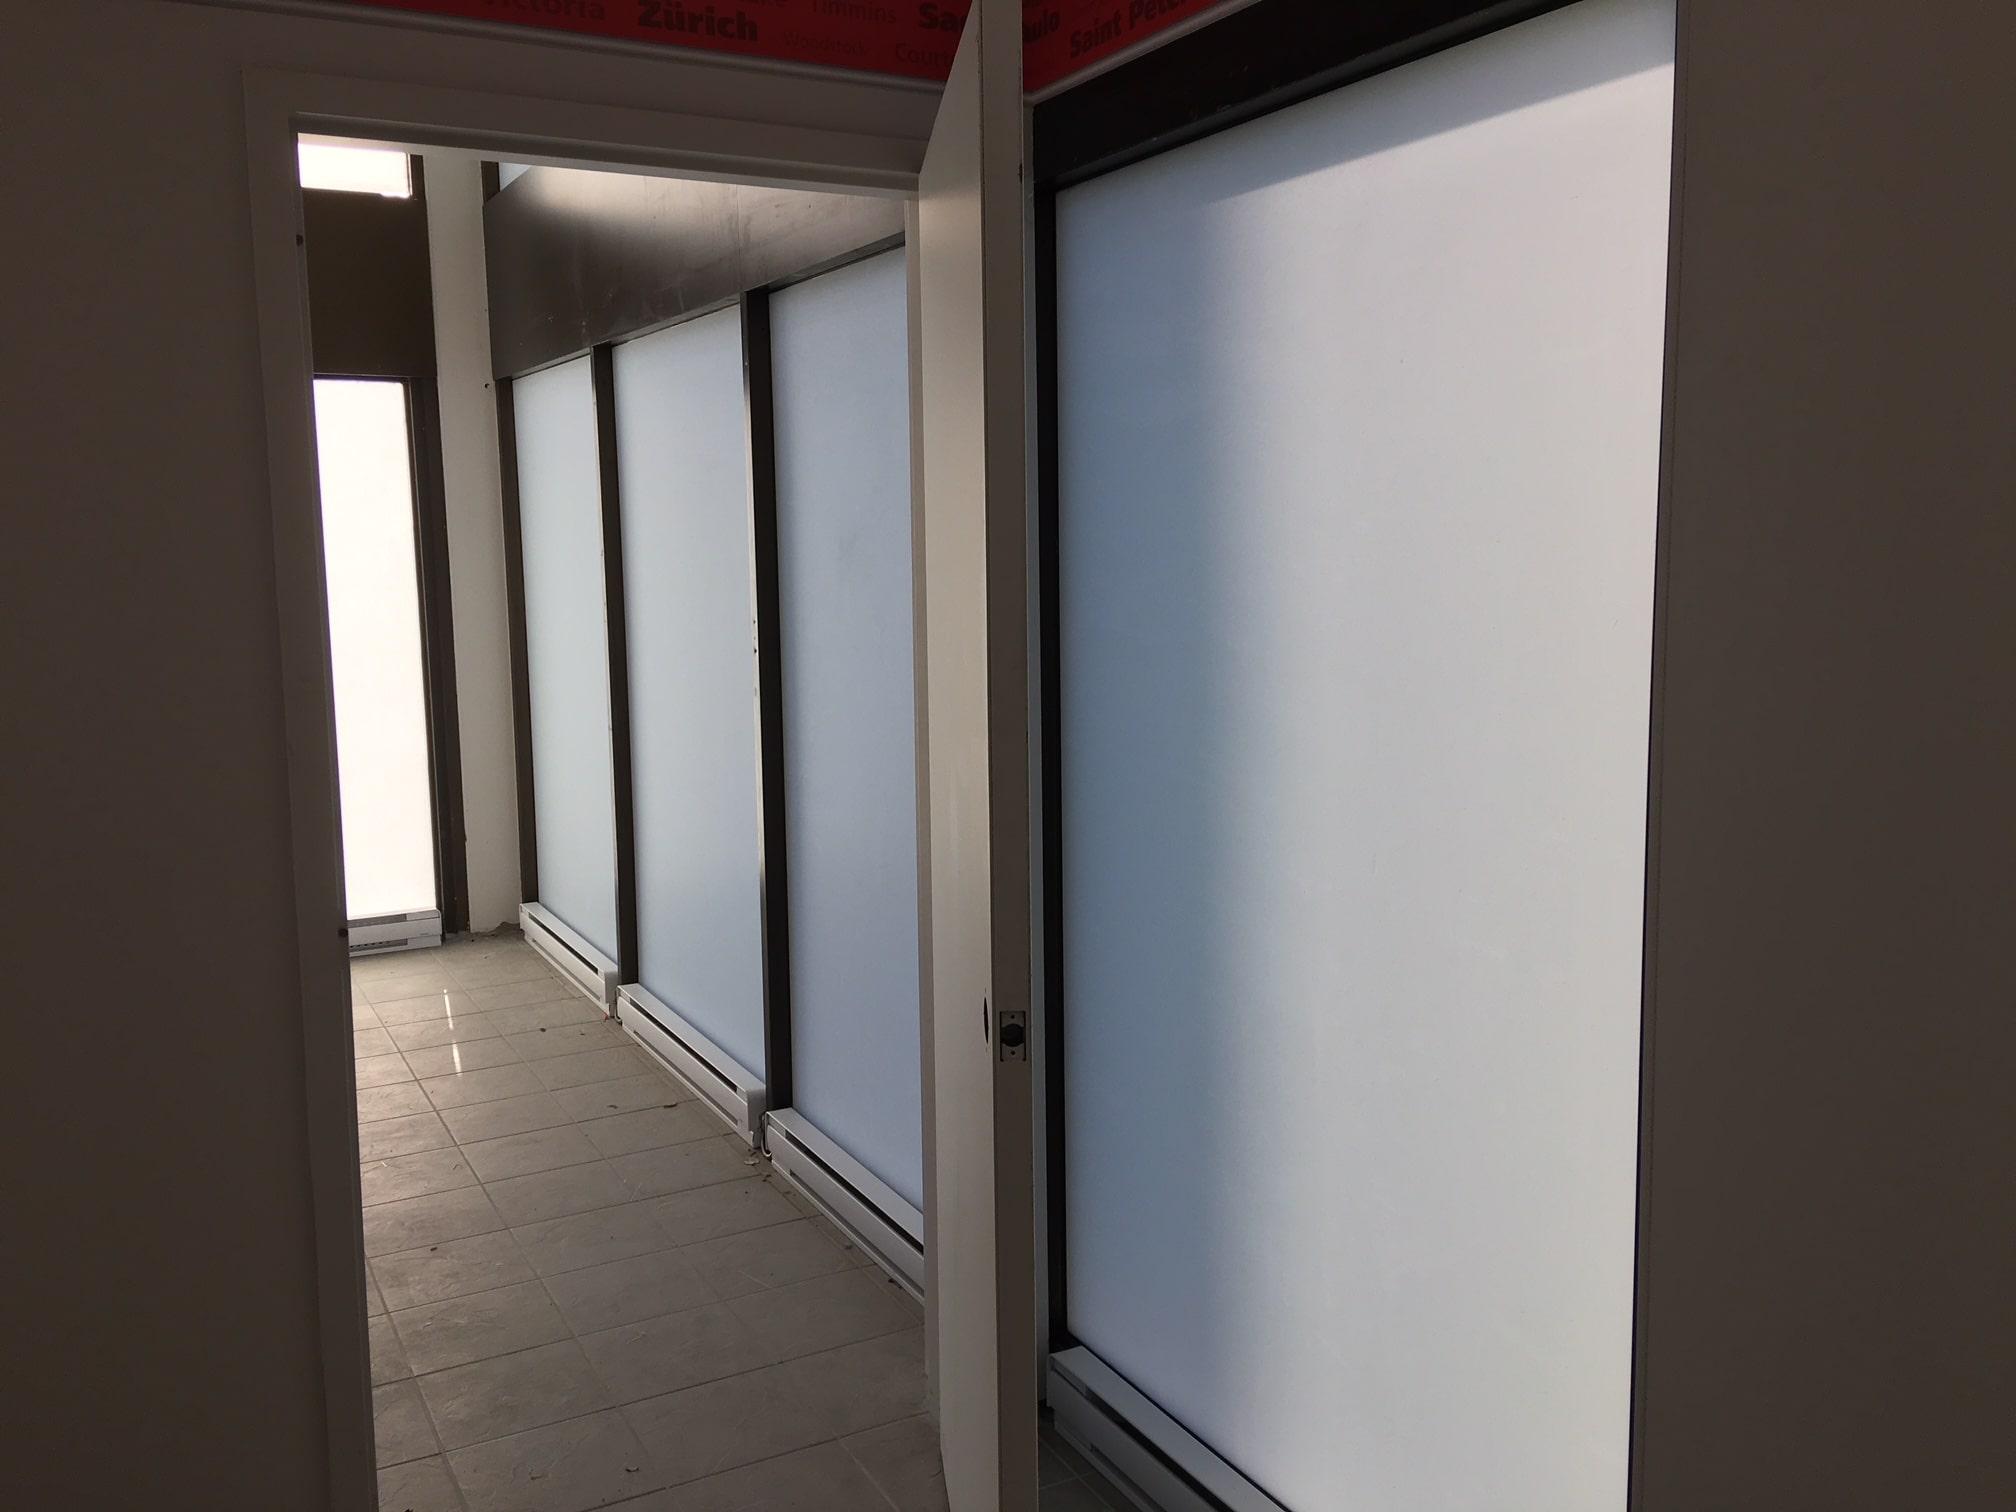 Vue d'intérieur: Pellicule opaque blanc